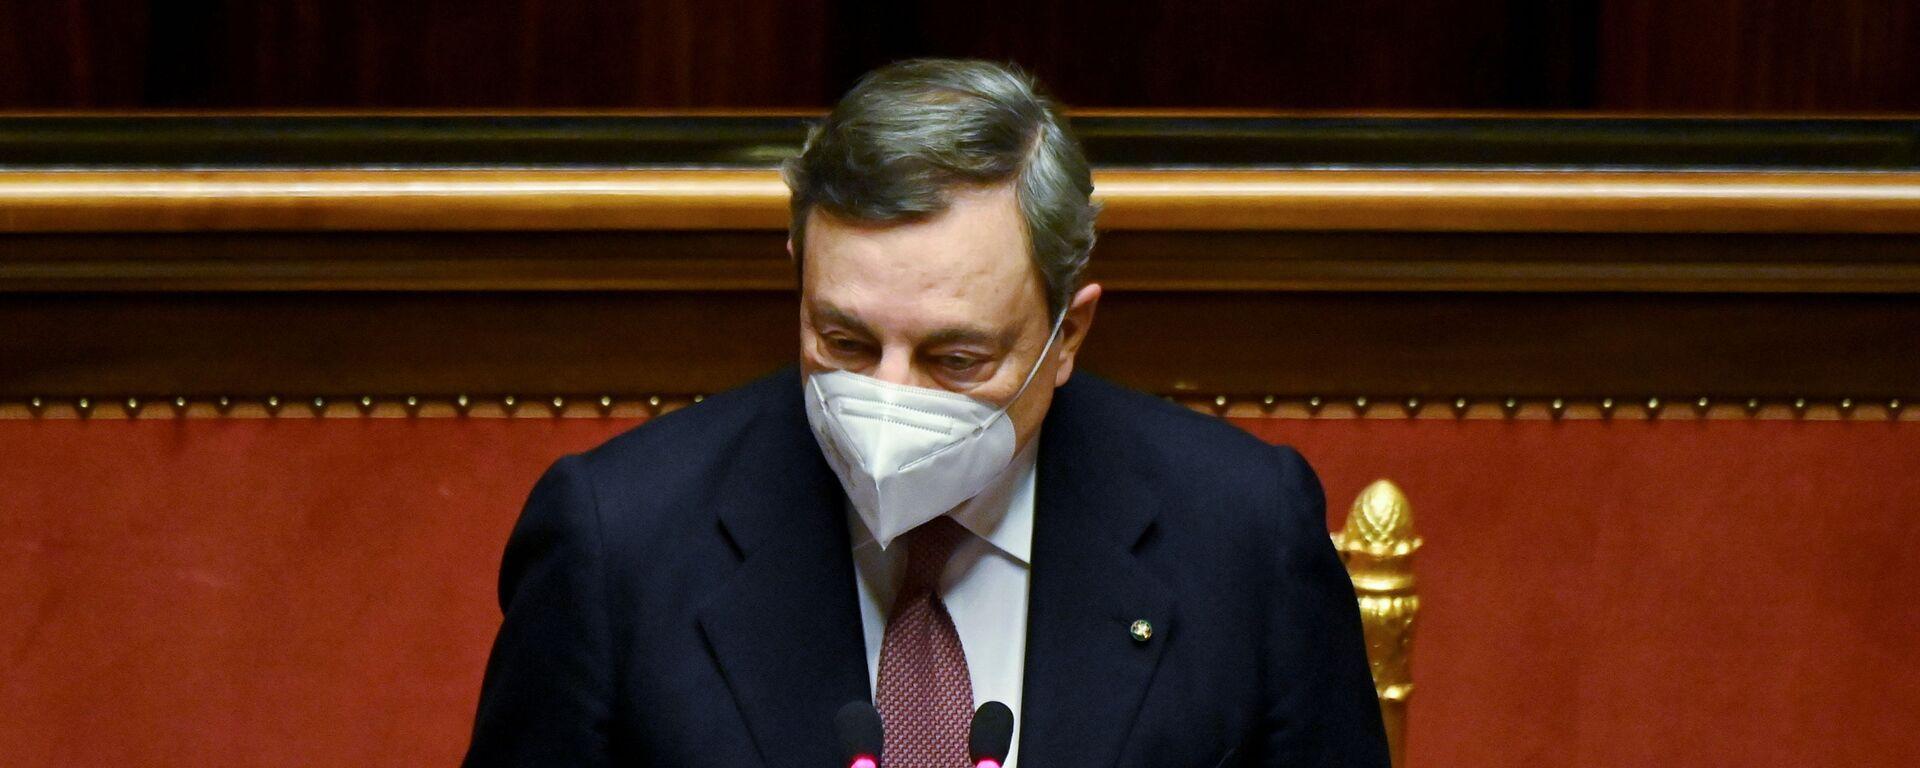 Il presidente del Consiglio Mario Draghi al Senato - Sputnik Italia, 1920, 19.03.2021